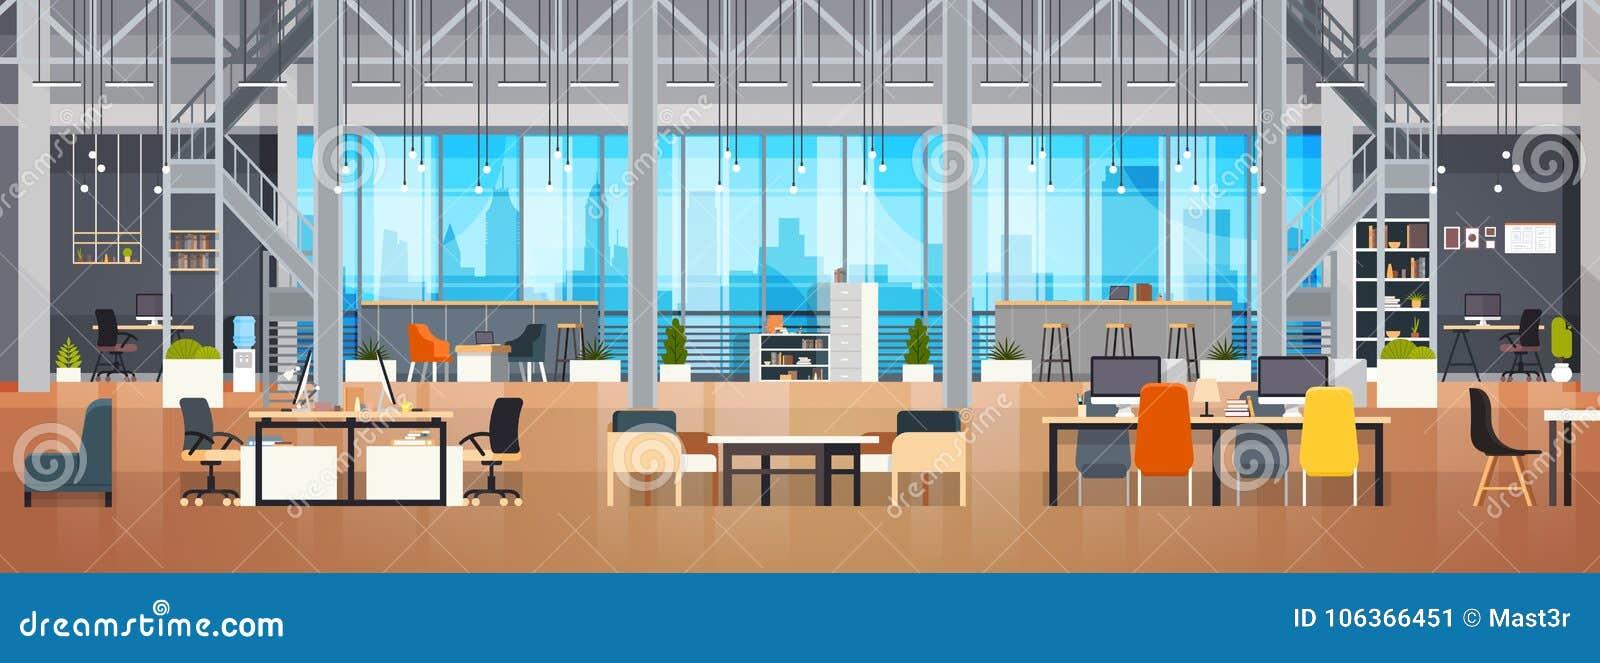 空的Coworking空间内部现代Coworking办公室创造性的工作场所空间水平的横幅